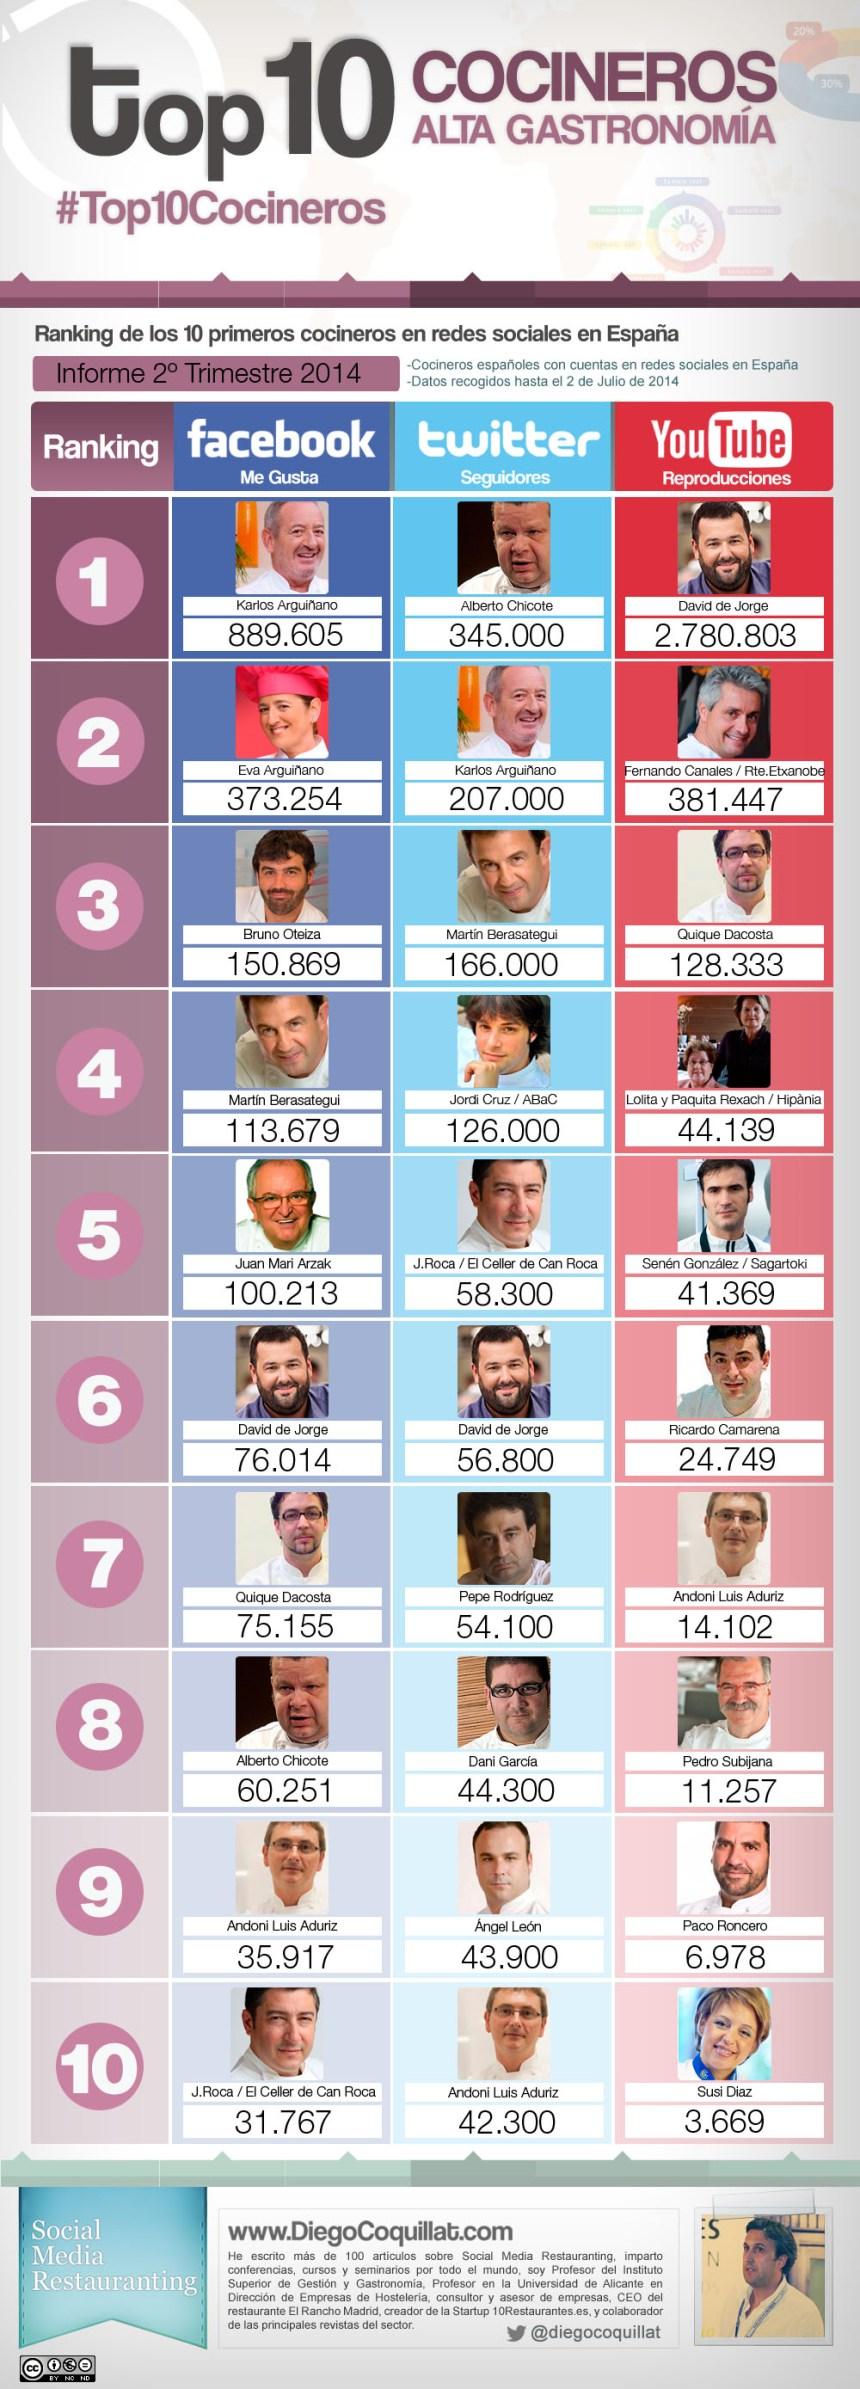 Top 10 cocineros en Redes Sociales (España 2T/2014)